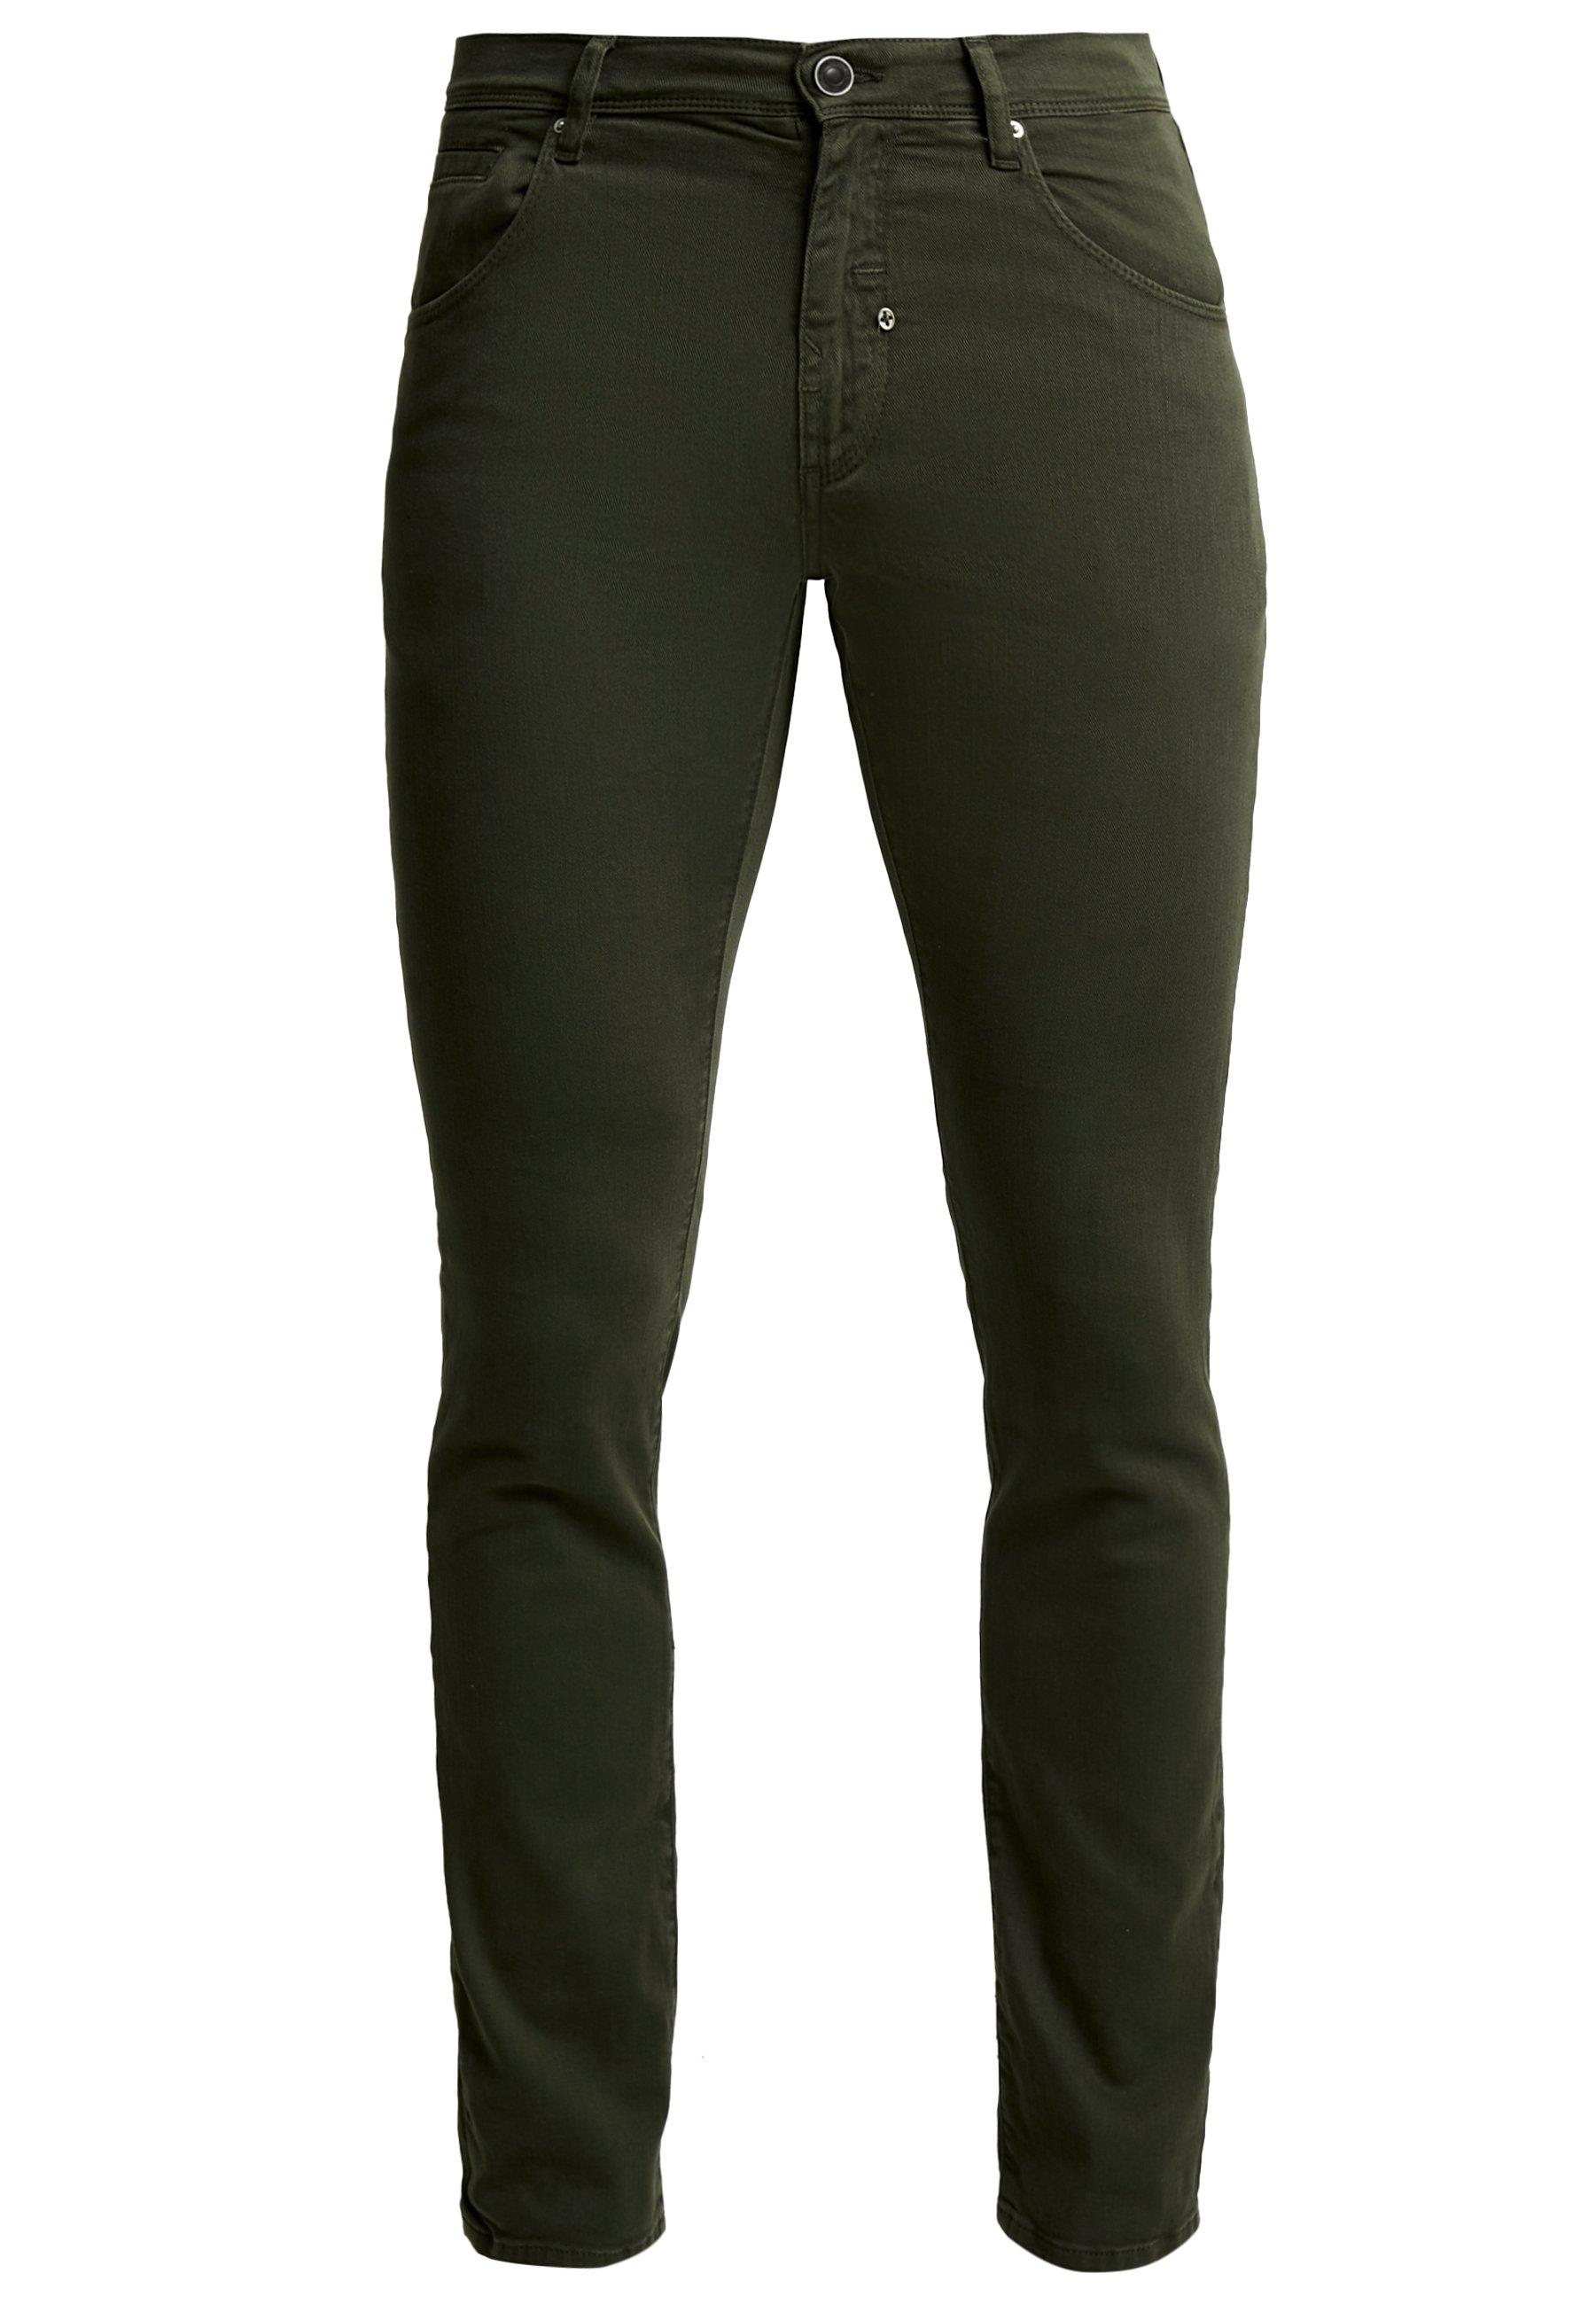 Antony Morato Pants Barret - Jeans Slim Fit White 9DJWA